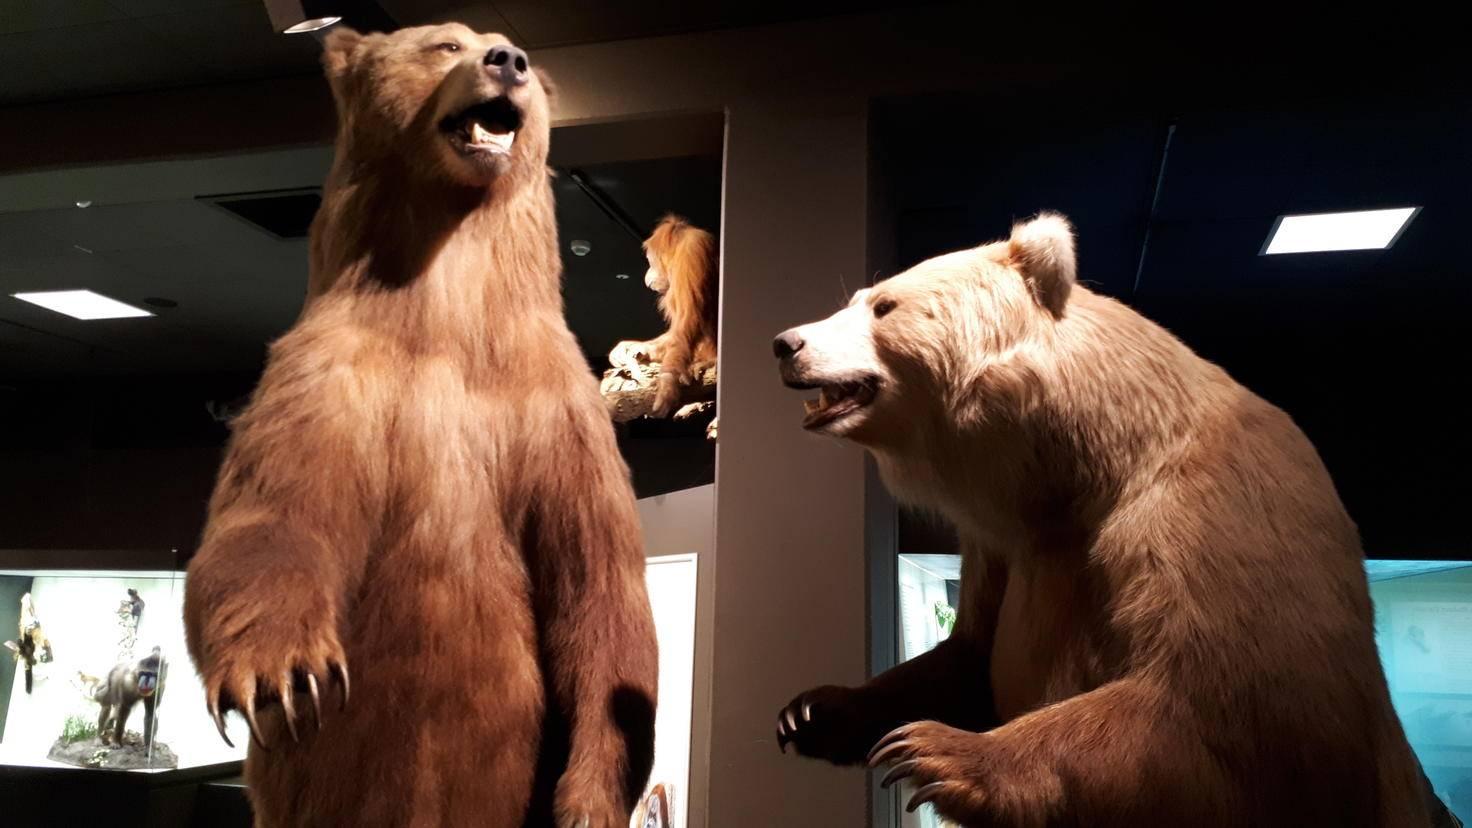 Bären mit erkennbaren Haaren im Hamburger Zoologischen Museum.